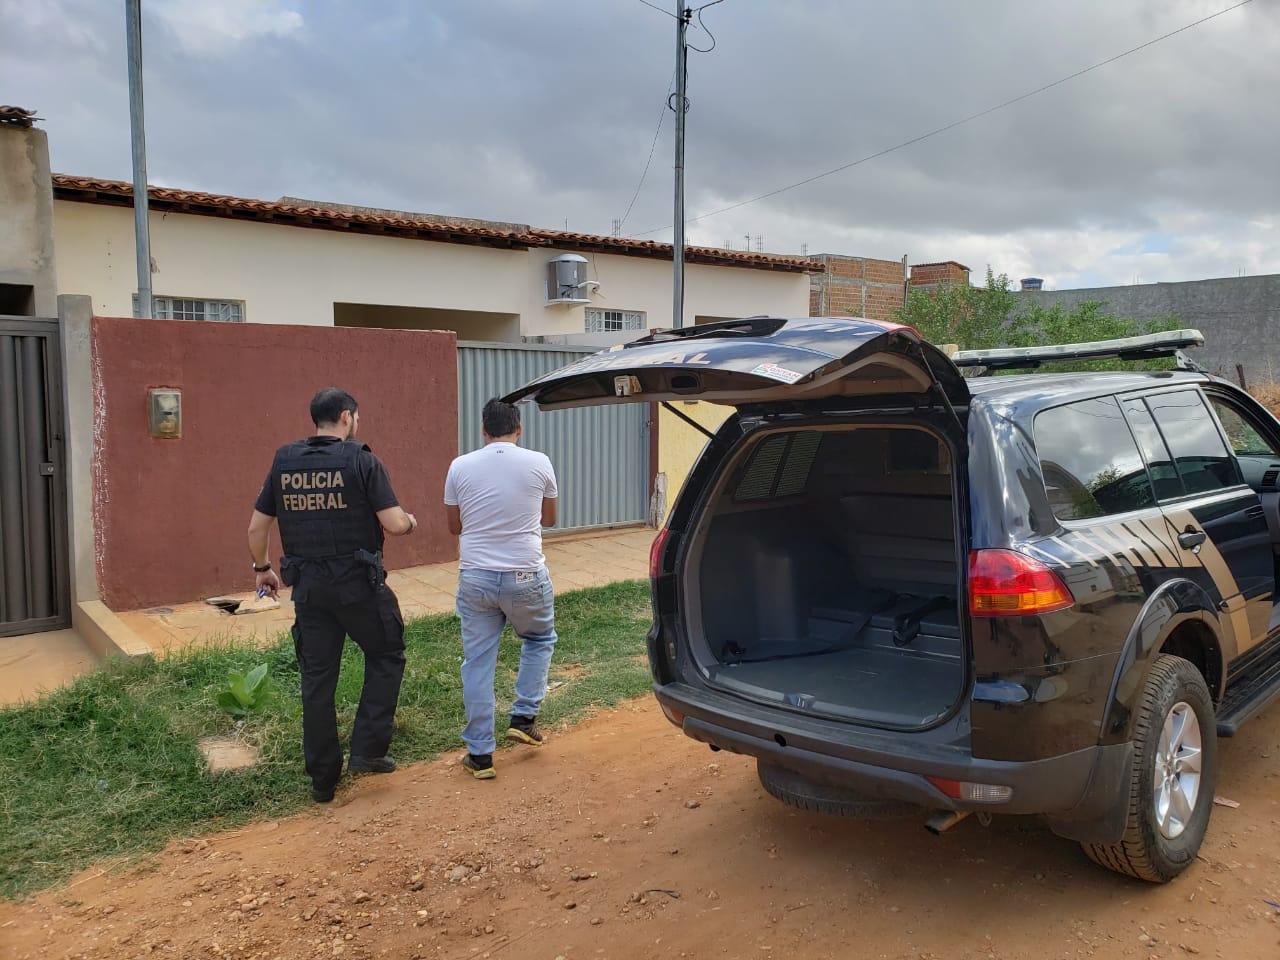 operação recidiva segunda fase 2 - Policia Federal faz operação em Patos e já prendeu três engenheiros envolvimento em fraudes  - ENTENDA